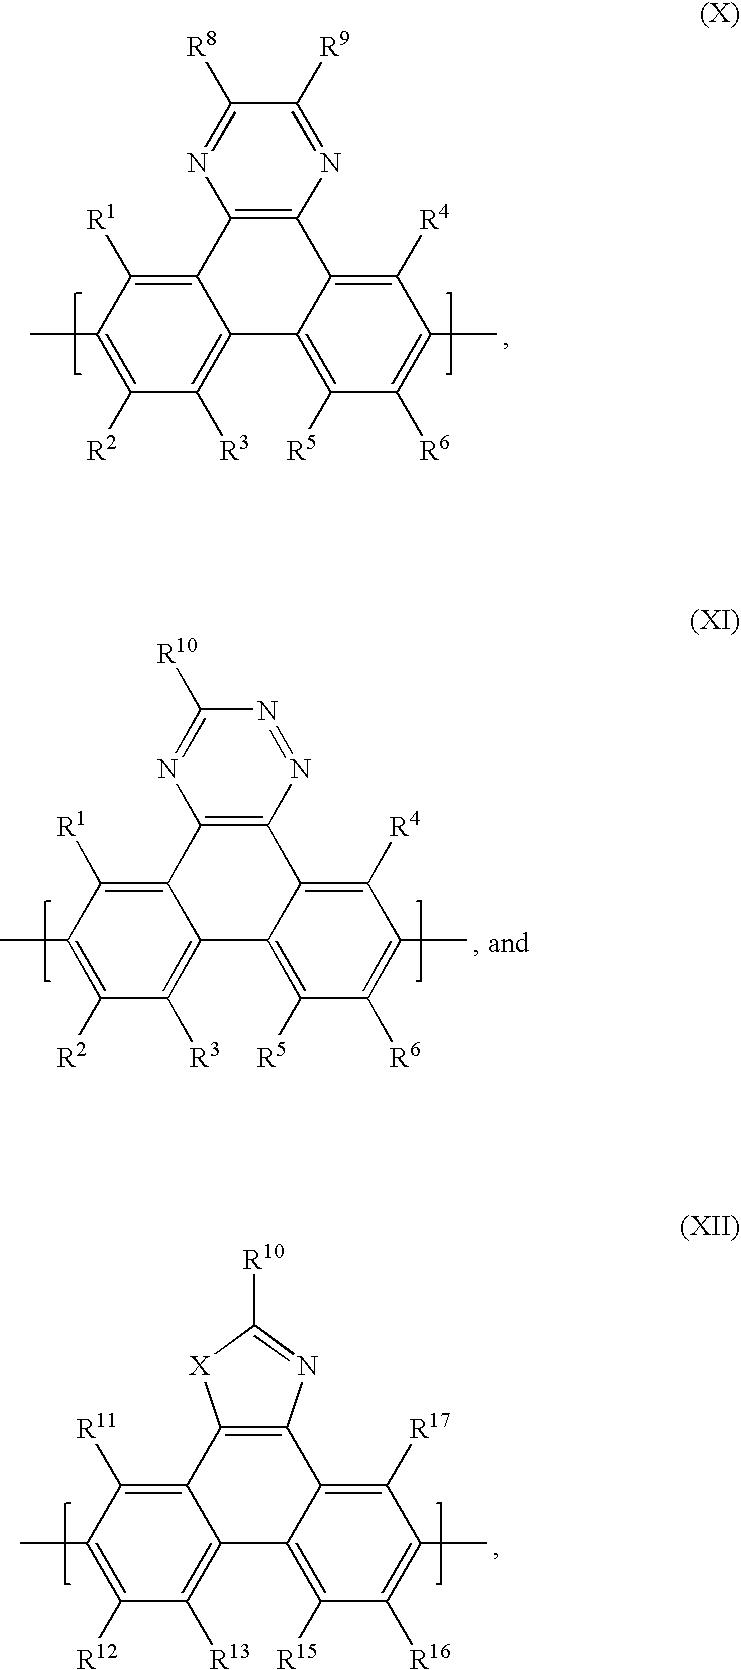 Figure US20090105447A1-20090423-C00053